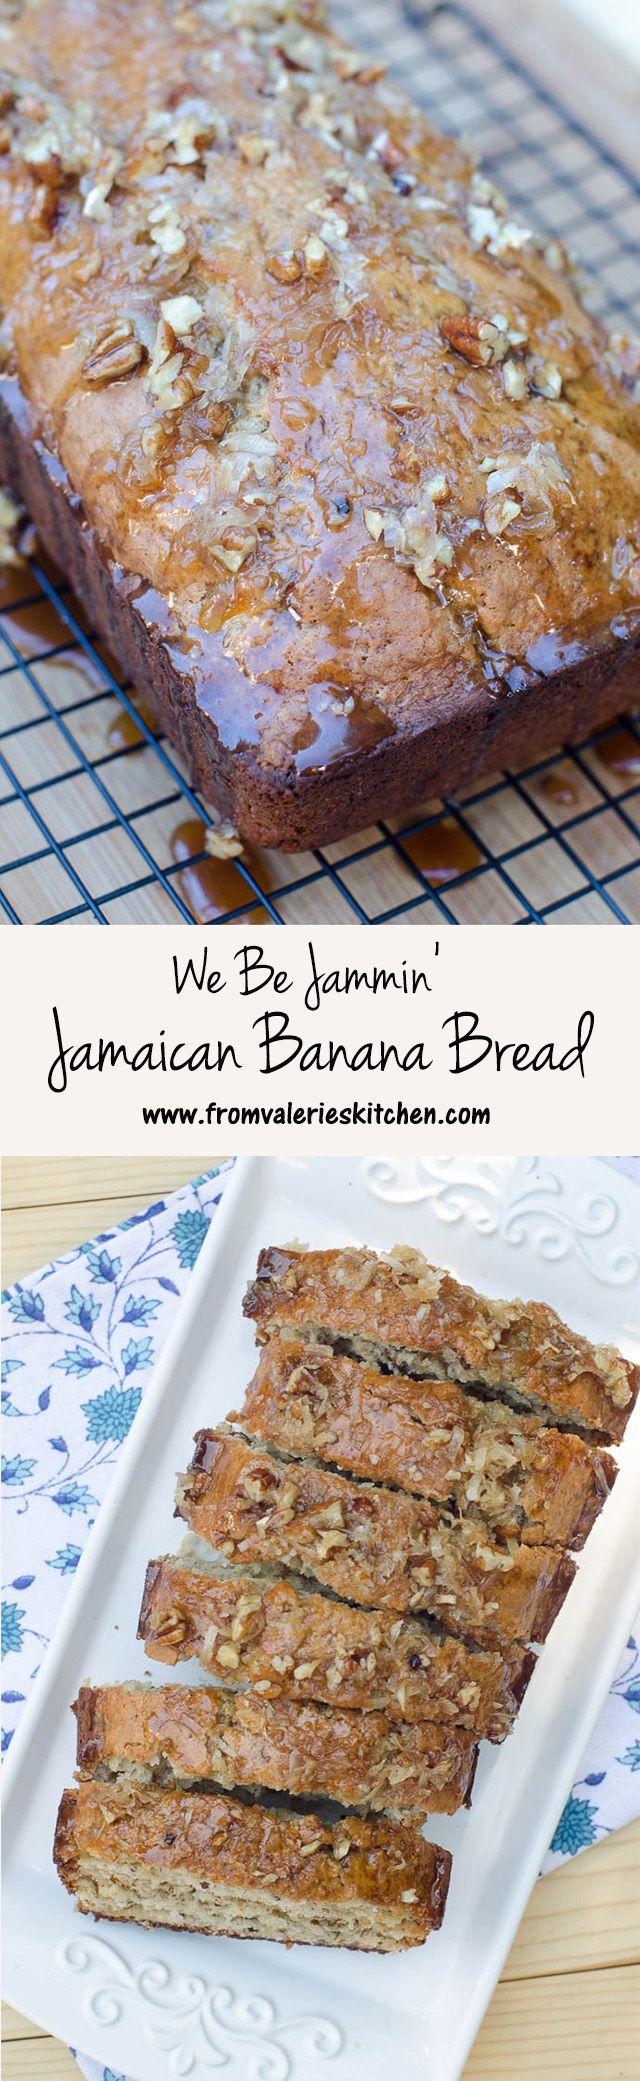 Banana bread with an island twist! The sticky-sweet glaze is AMAZING! ~ http://www.fromvalerieskitchen.com/wordpress